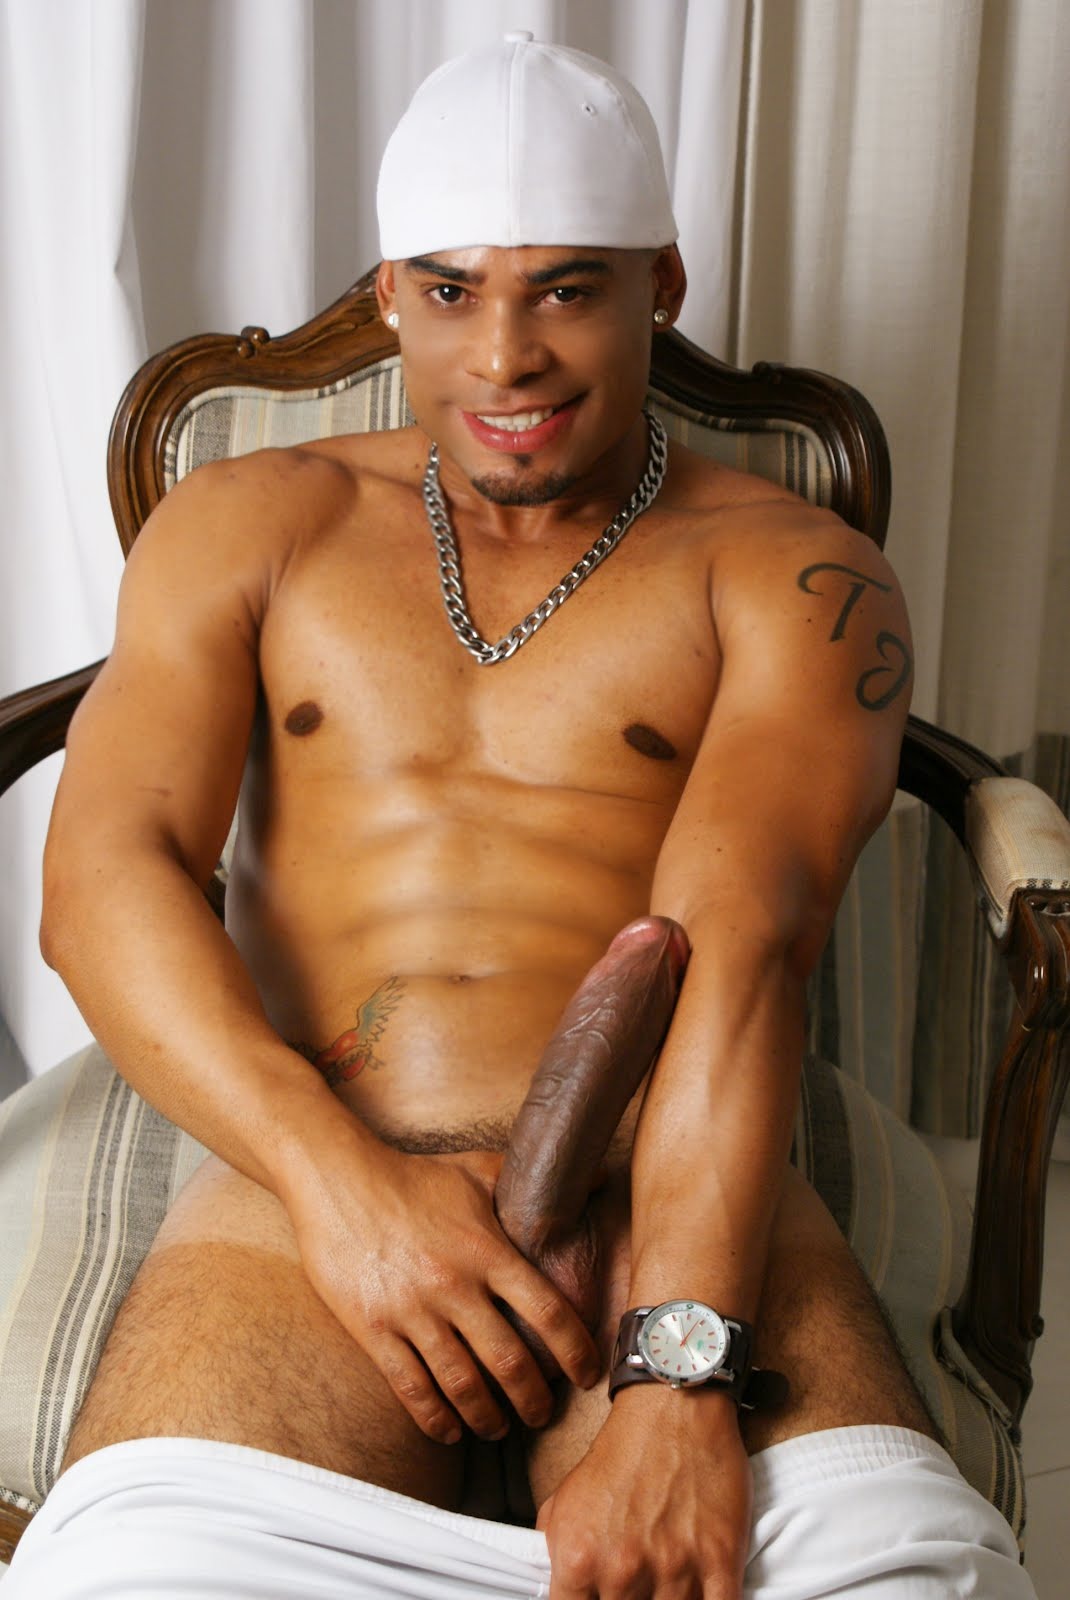 Gay Fotos De Homens Gostosos Moreno Sarado Mega Dotado Pauzaog Rande E